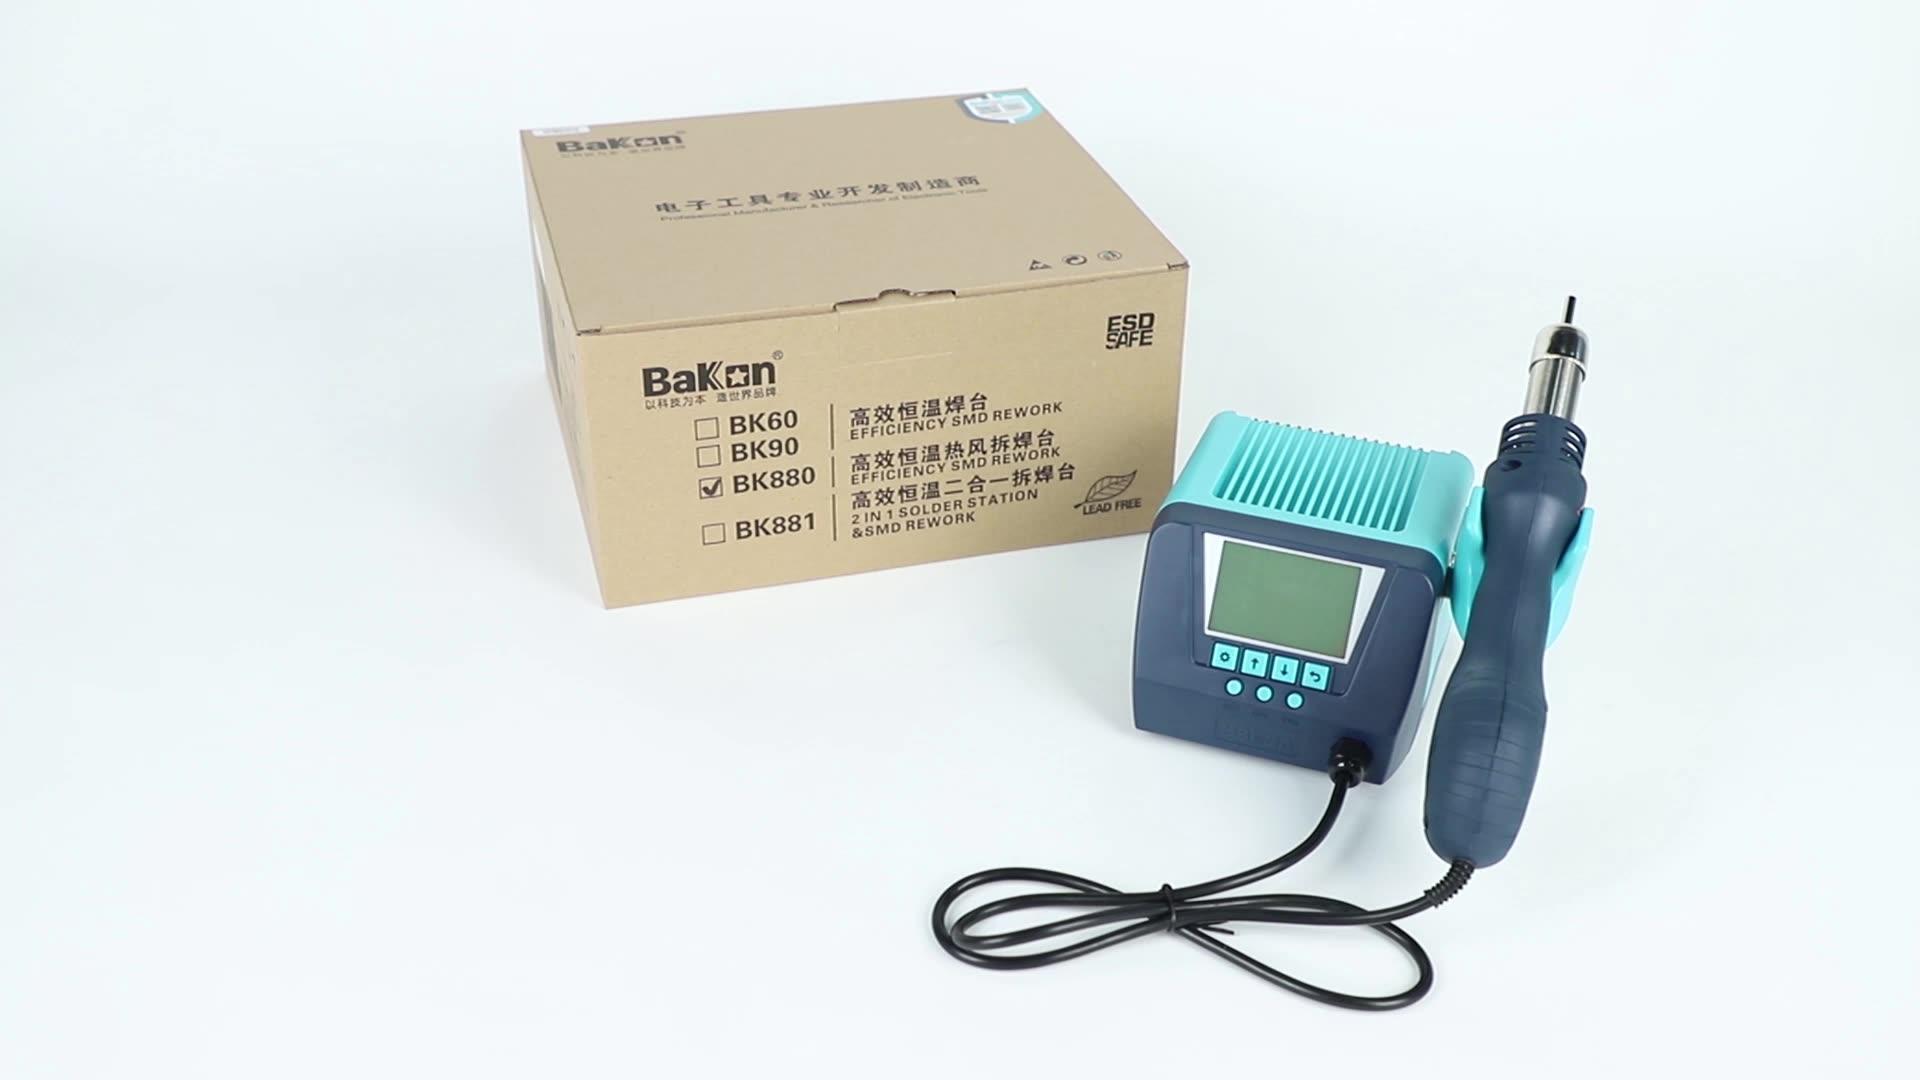 BK880 high frequency manufacturer Digital display hot air rework station soldering station